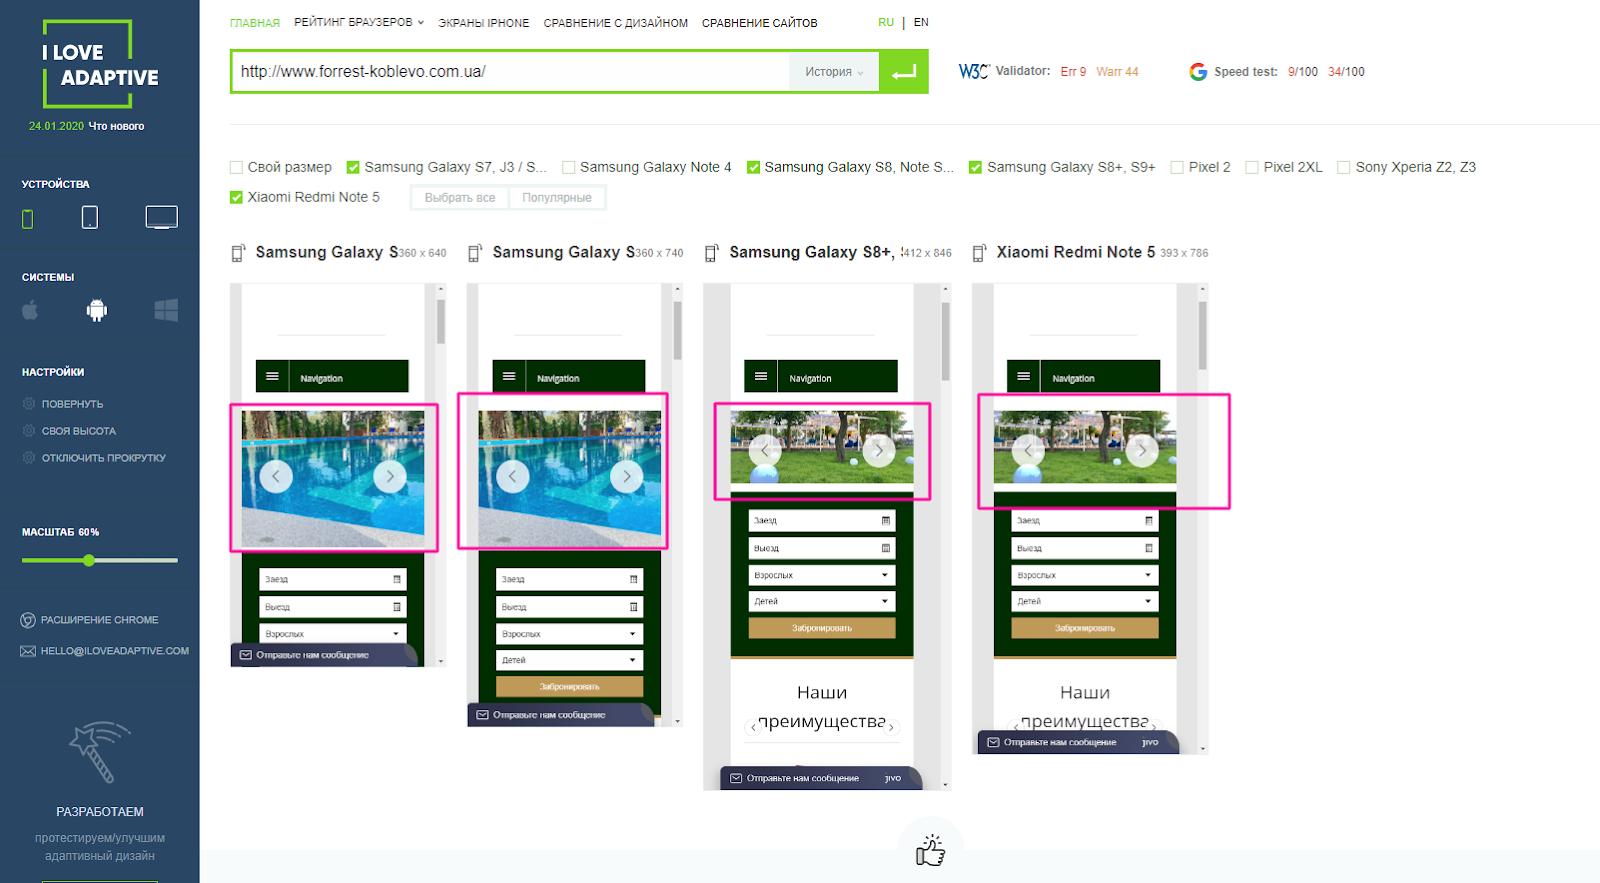 Разместите слайдер на Главной странице сайта